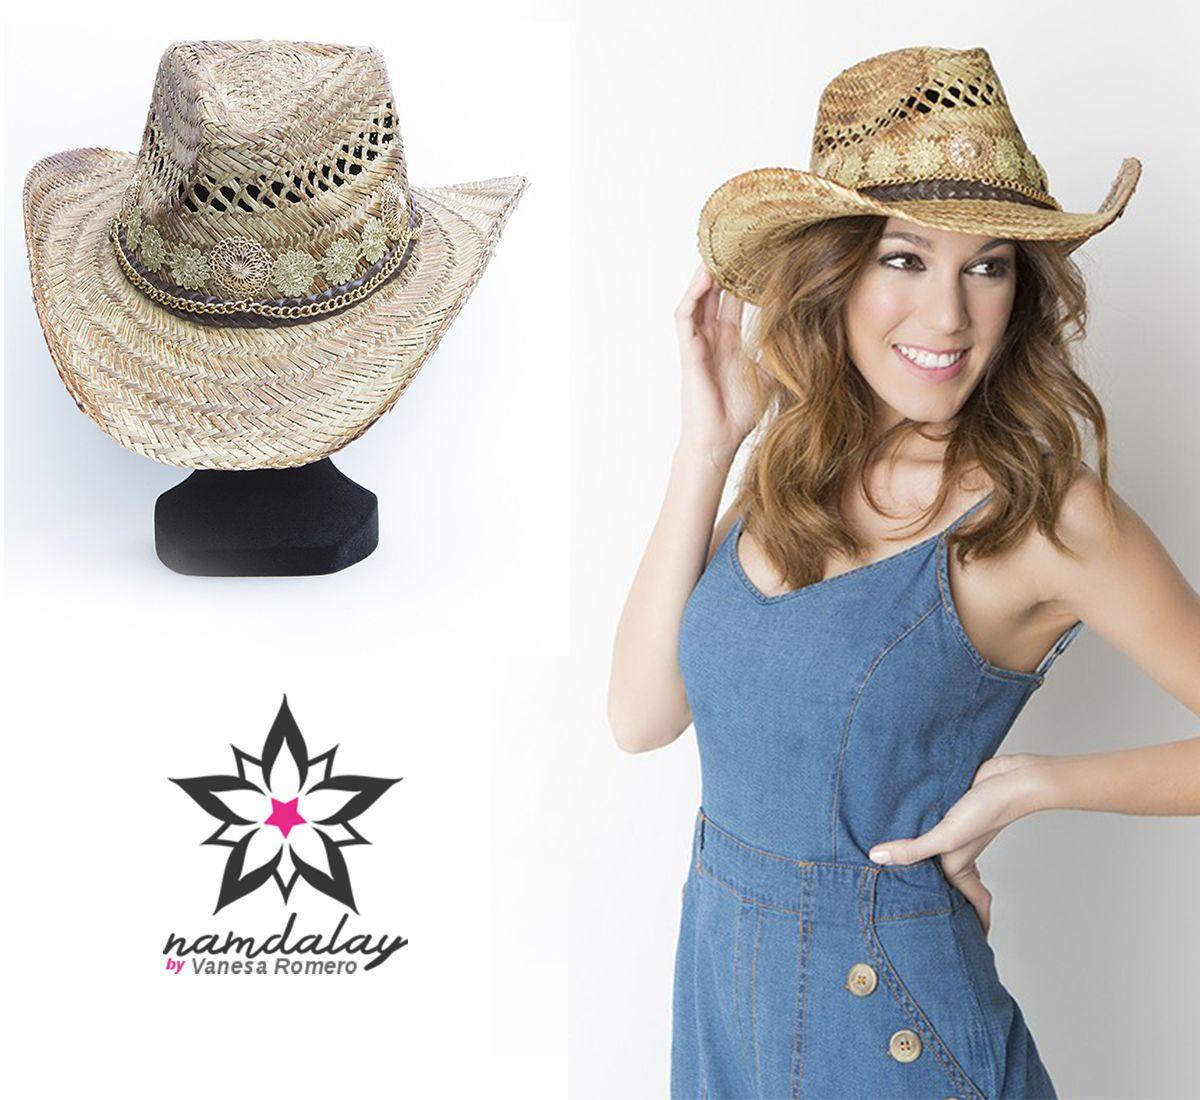 Hoy en Namdalay ponemos luz a este día gris con nuestro sombrero 'cowgirl' Soles  Hazte con él aquí http://bit.ly/1TruO4V y conviértelo en el protagonista de tus looks más originales y únicos este #verano. ¡Feliz viernes!